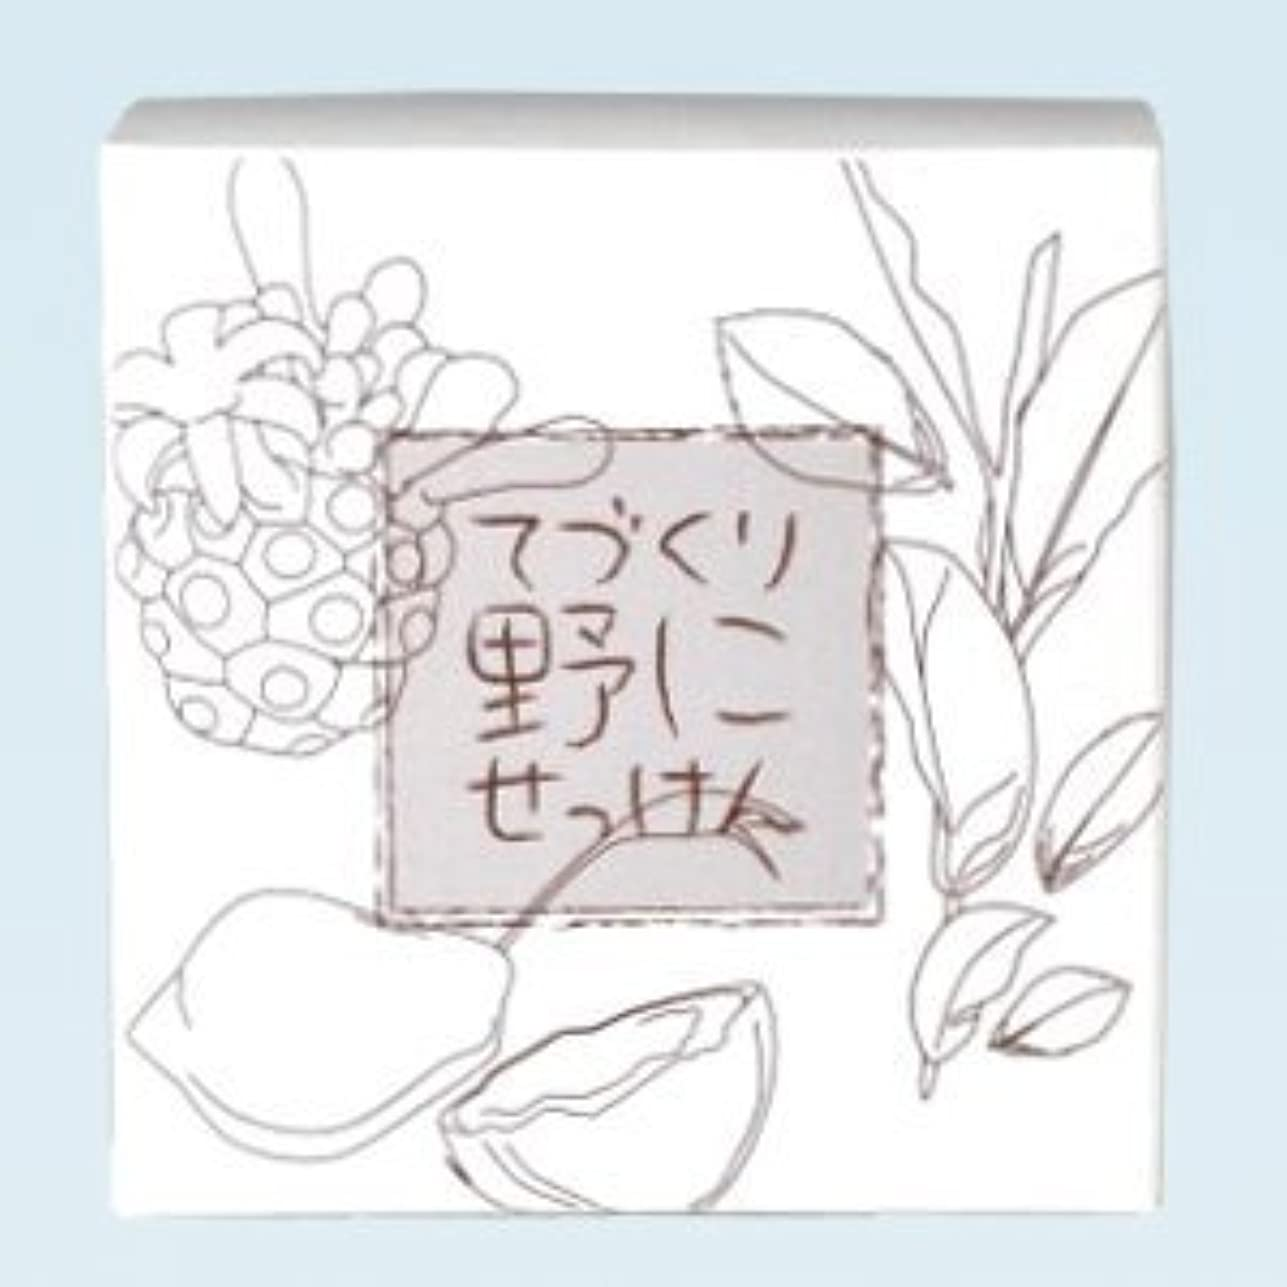 準備する制限解体する緑茶 ノニ石鹸 てづくり野にせっけん(115g)